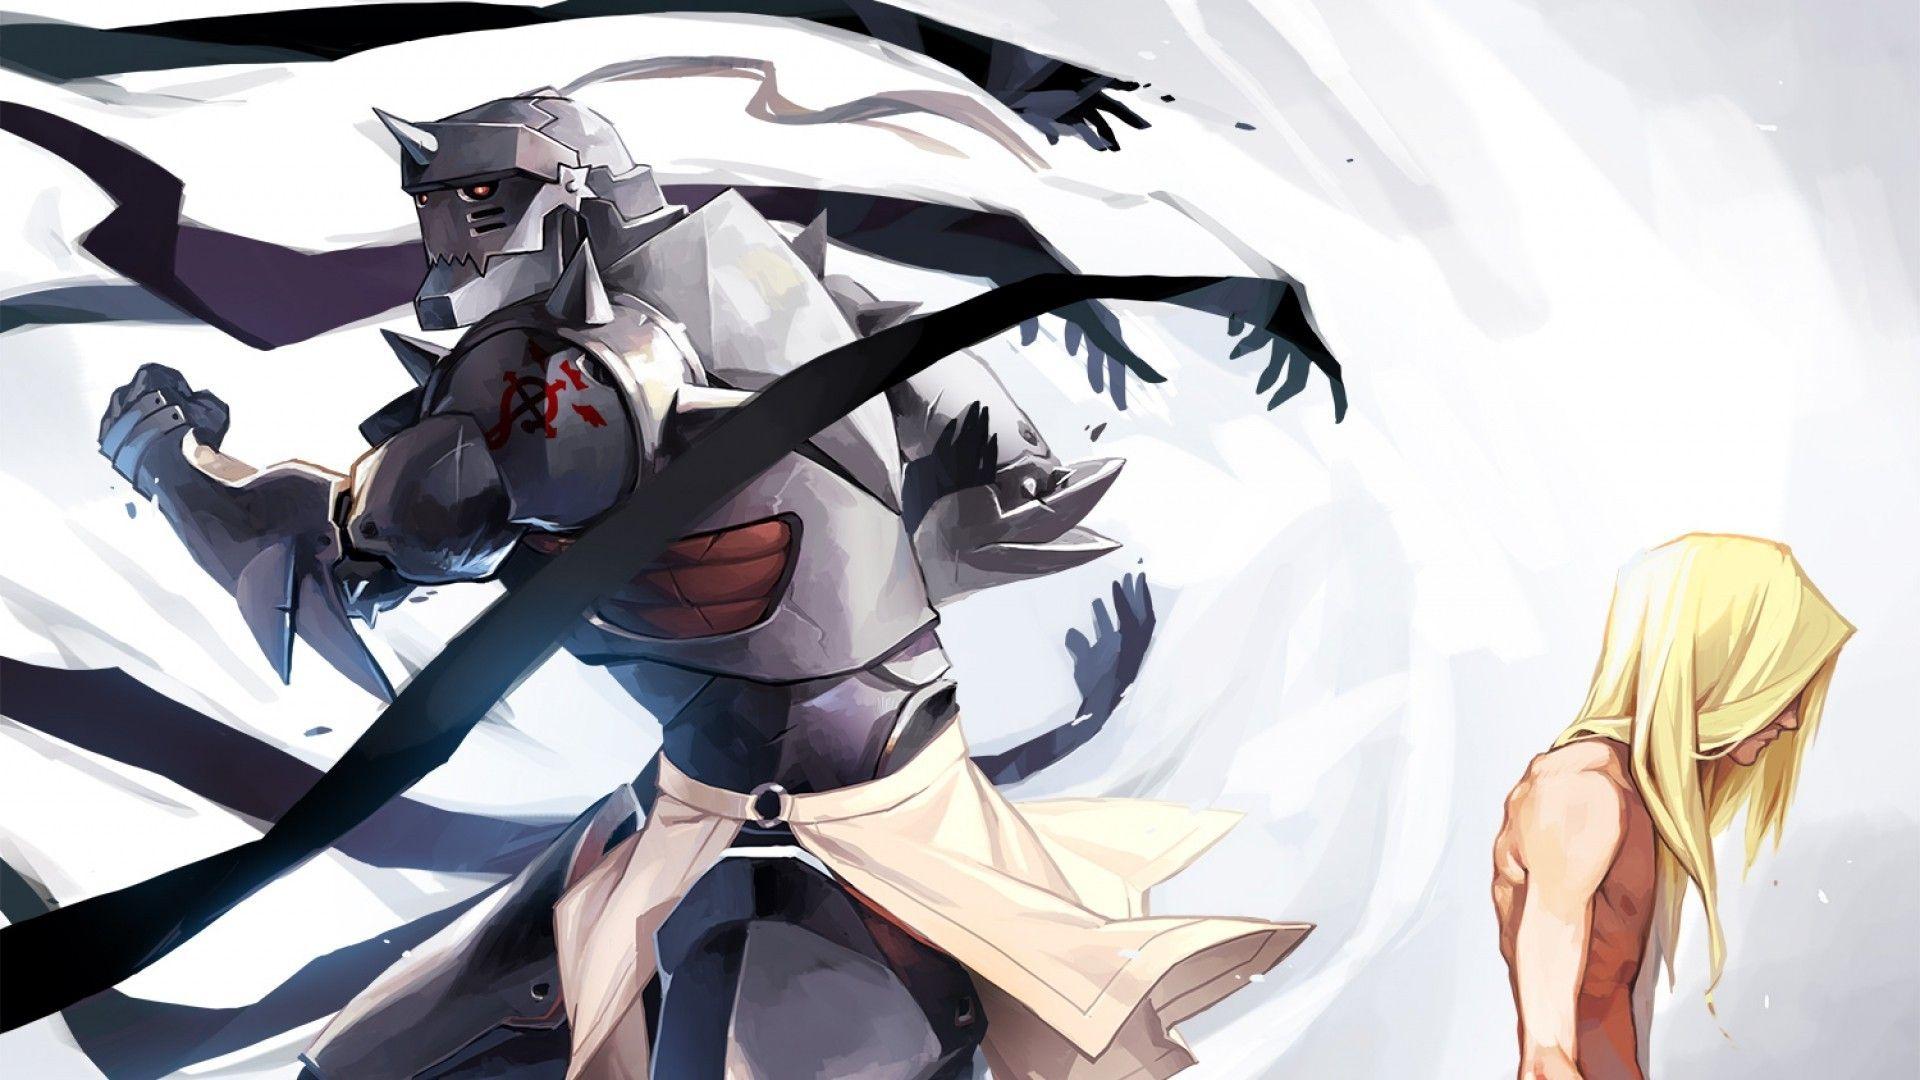 Anime Art Fullmetal Alchemist